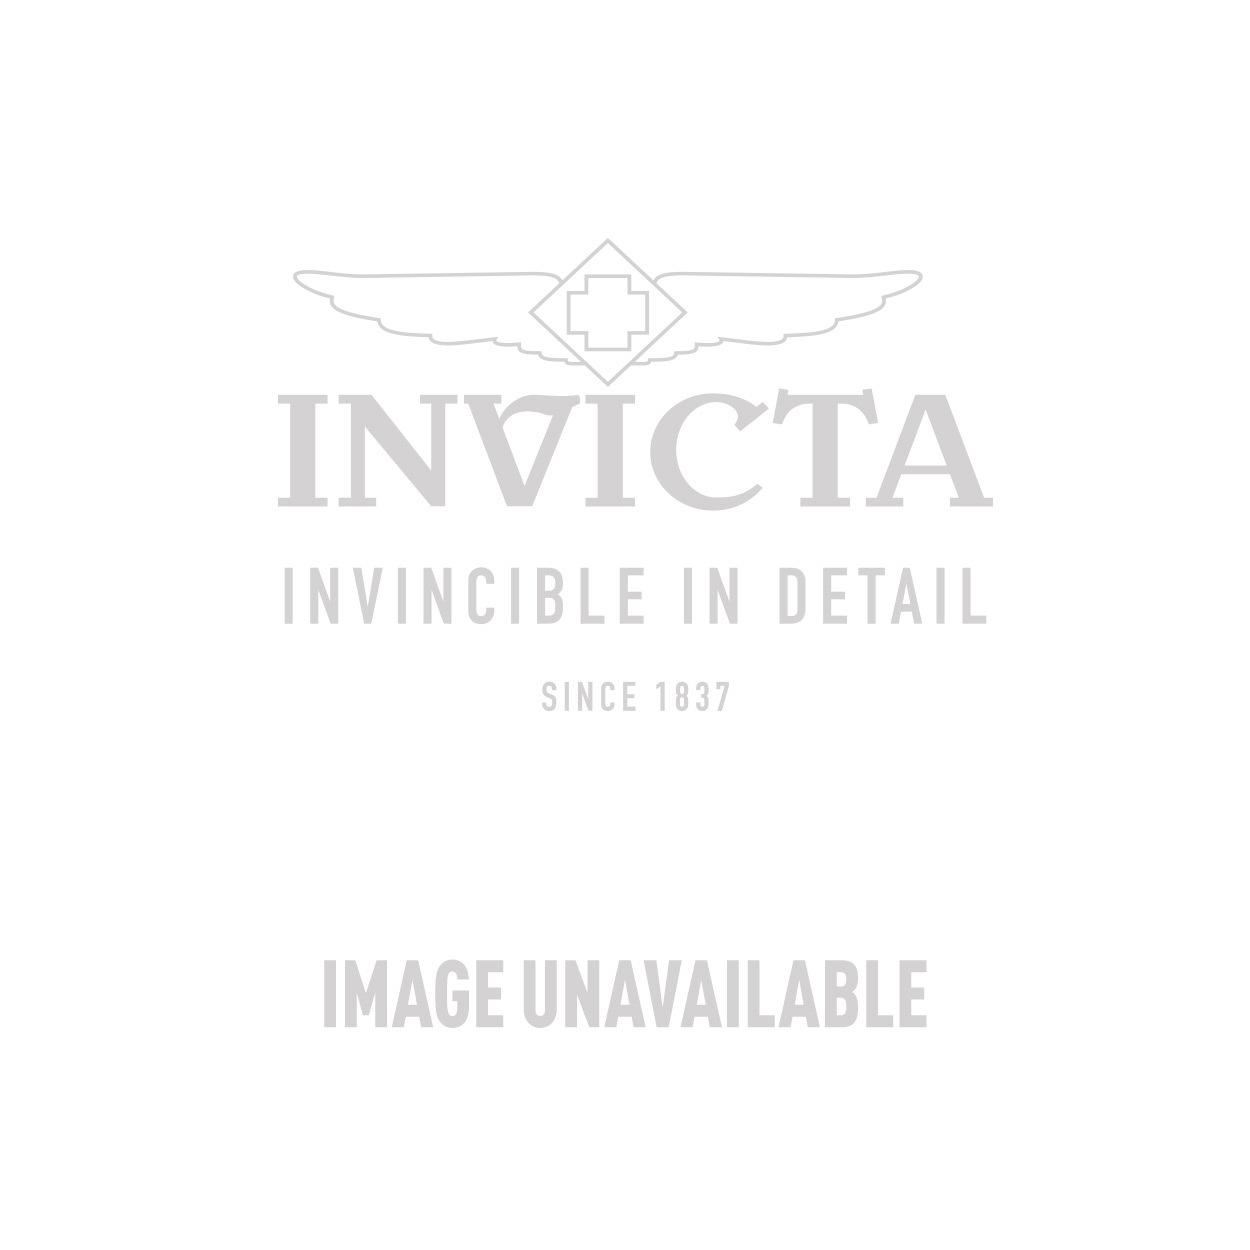 Invicta Model 26919